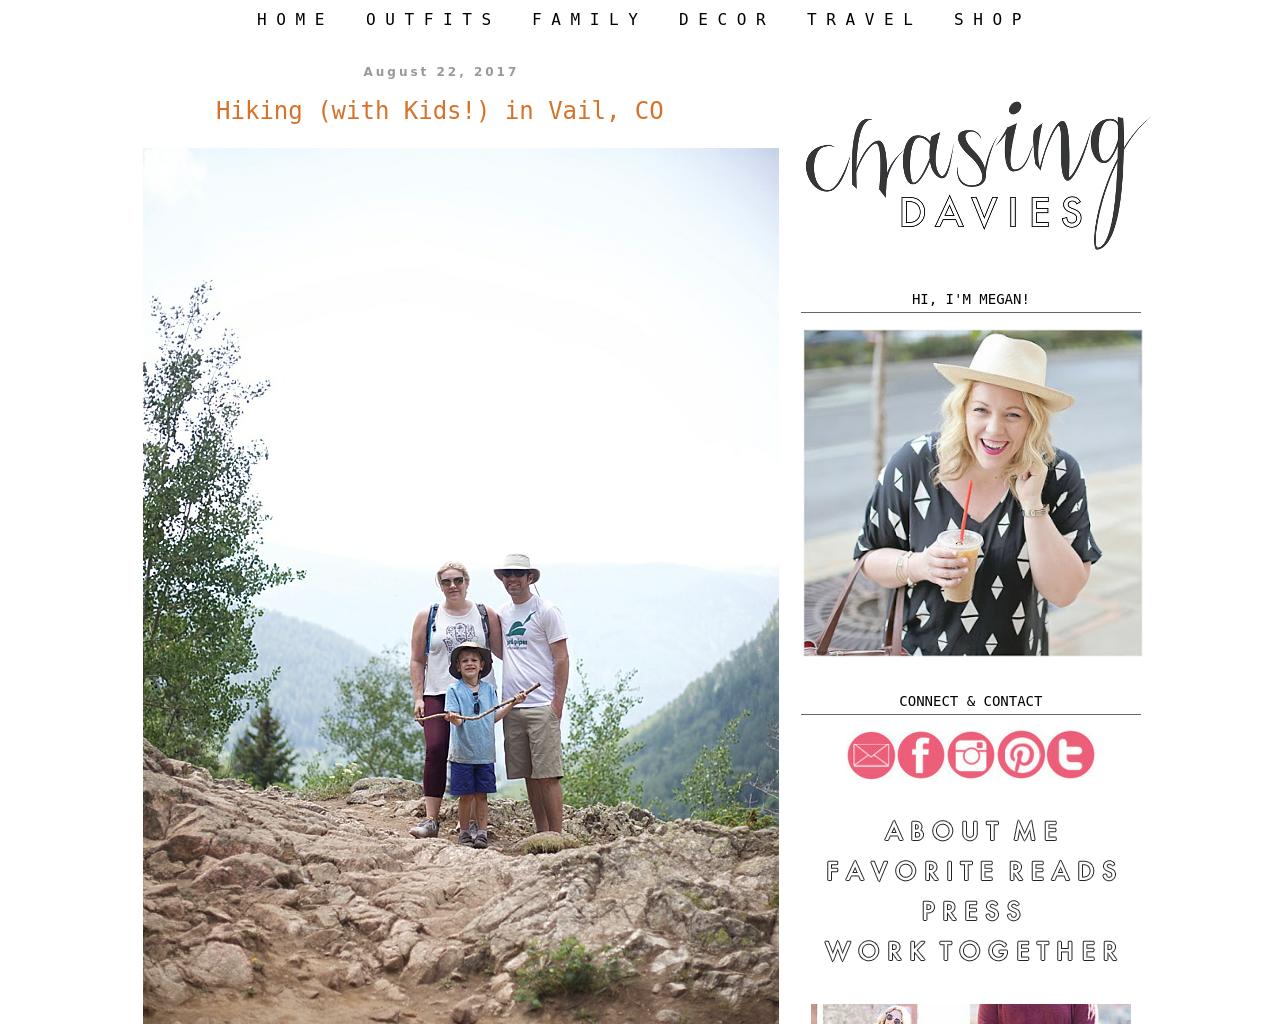 Chasing-Davies-Advertising-Reviews-Pricing